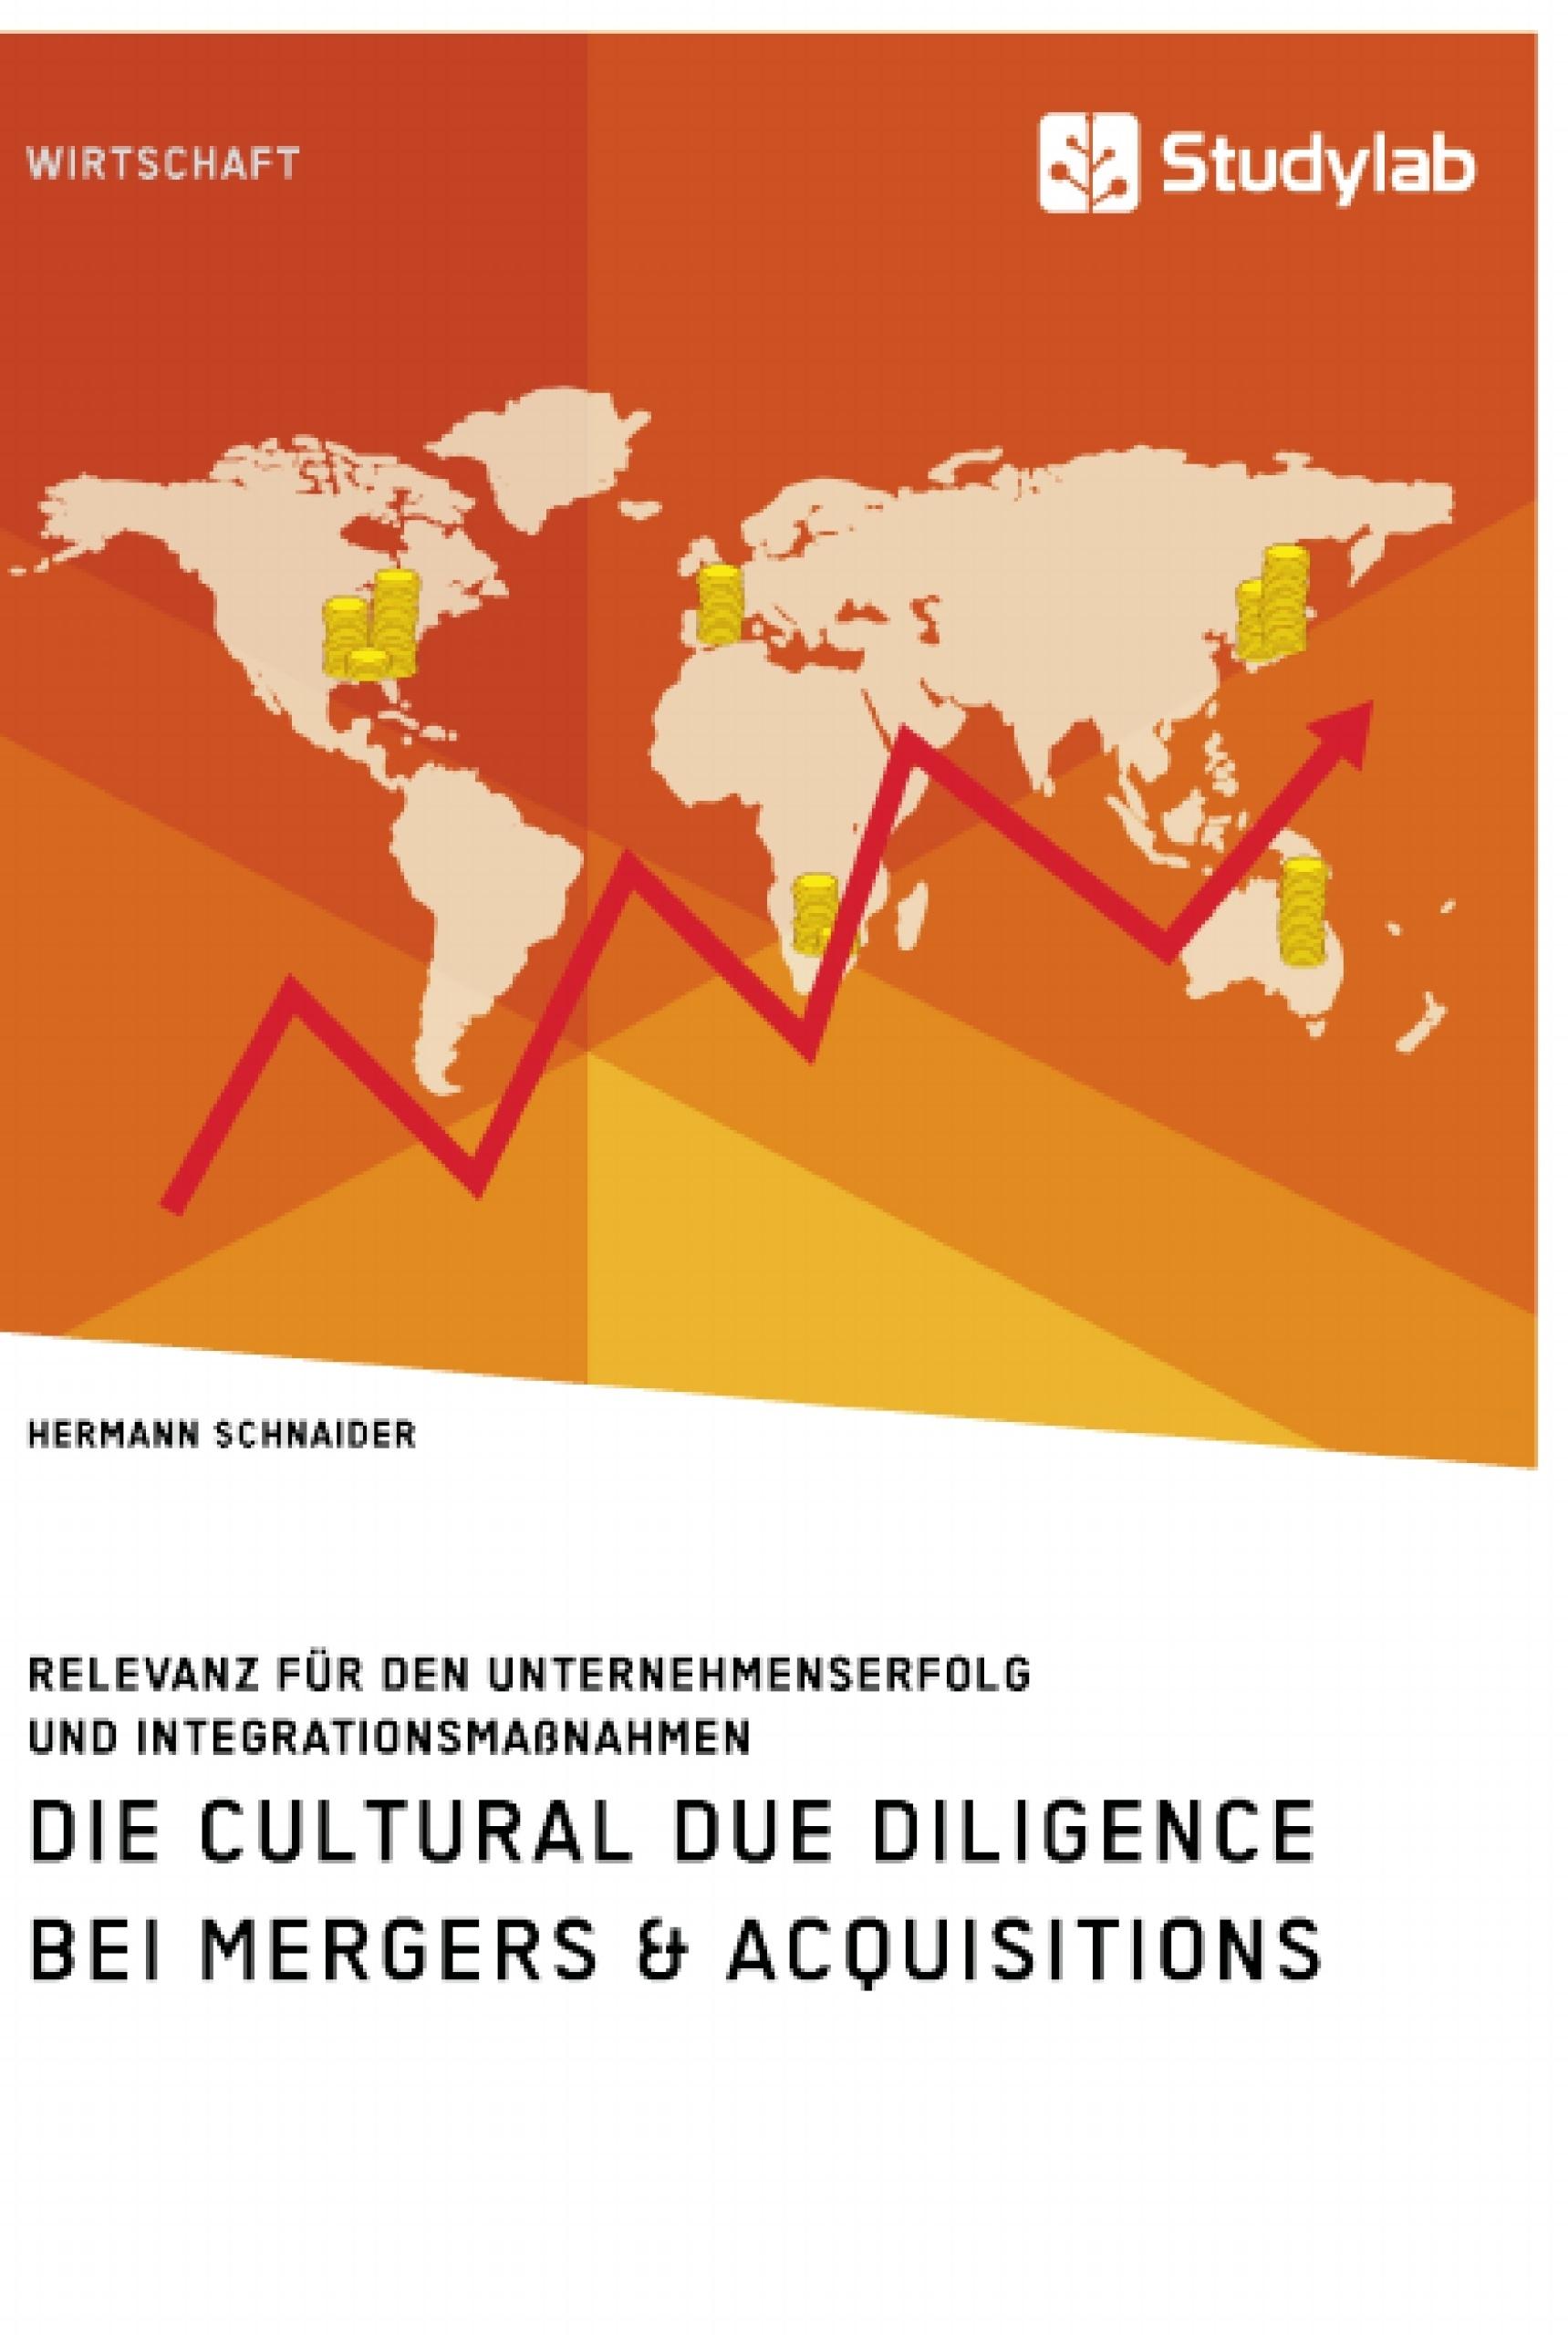 Titel: Die Cultural Due Diligence bei Mergers & Acquisitions. Relevanz für den Unternehmenserfolg und Integrationsmaßnahmen